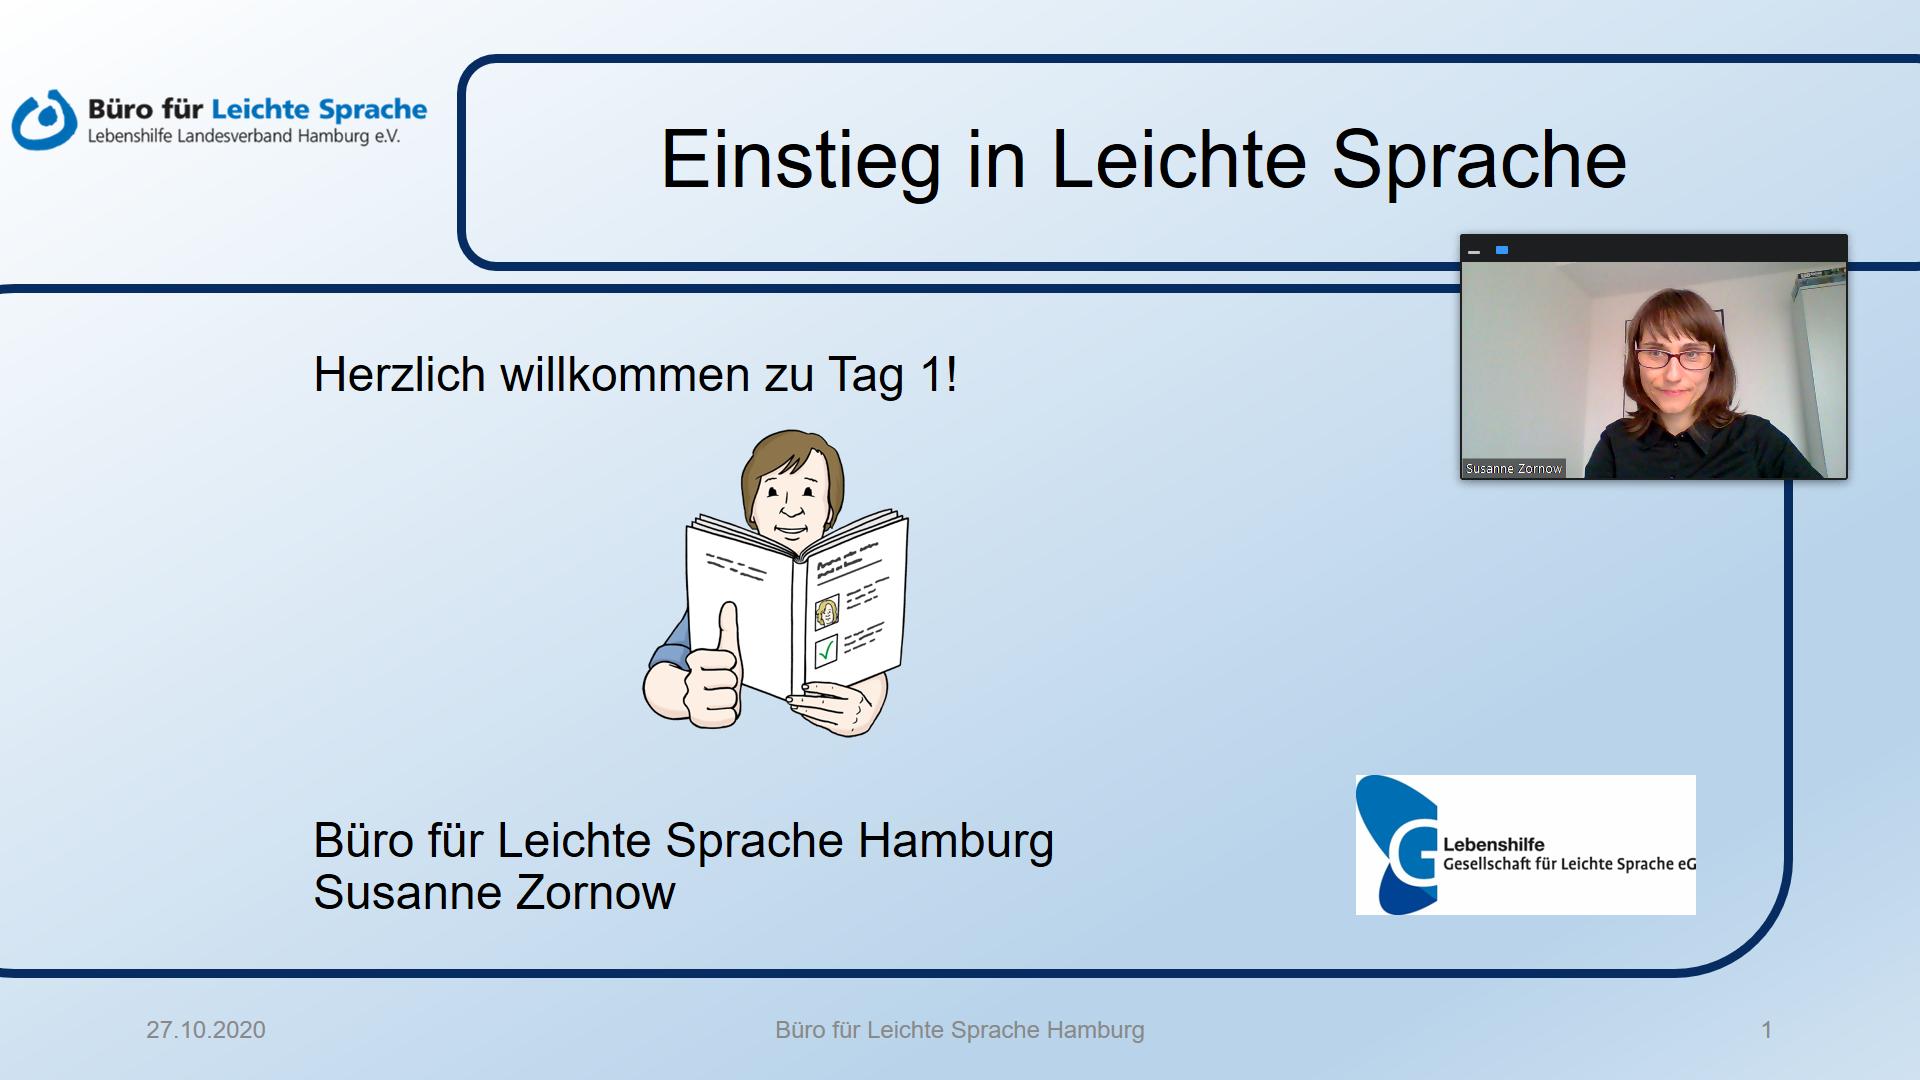 Bildschirmfoto: Präsentation mit Sprechervideo